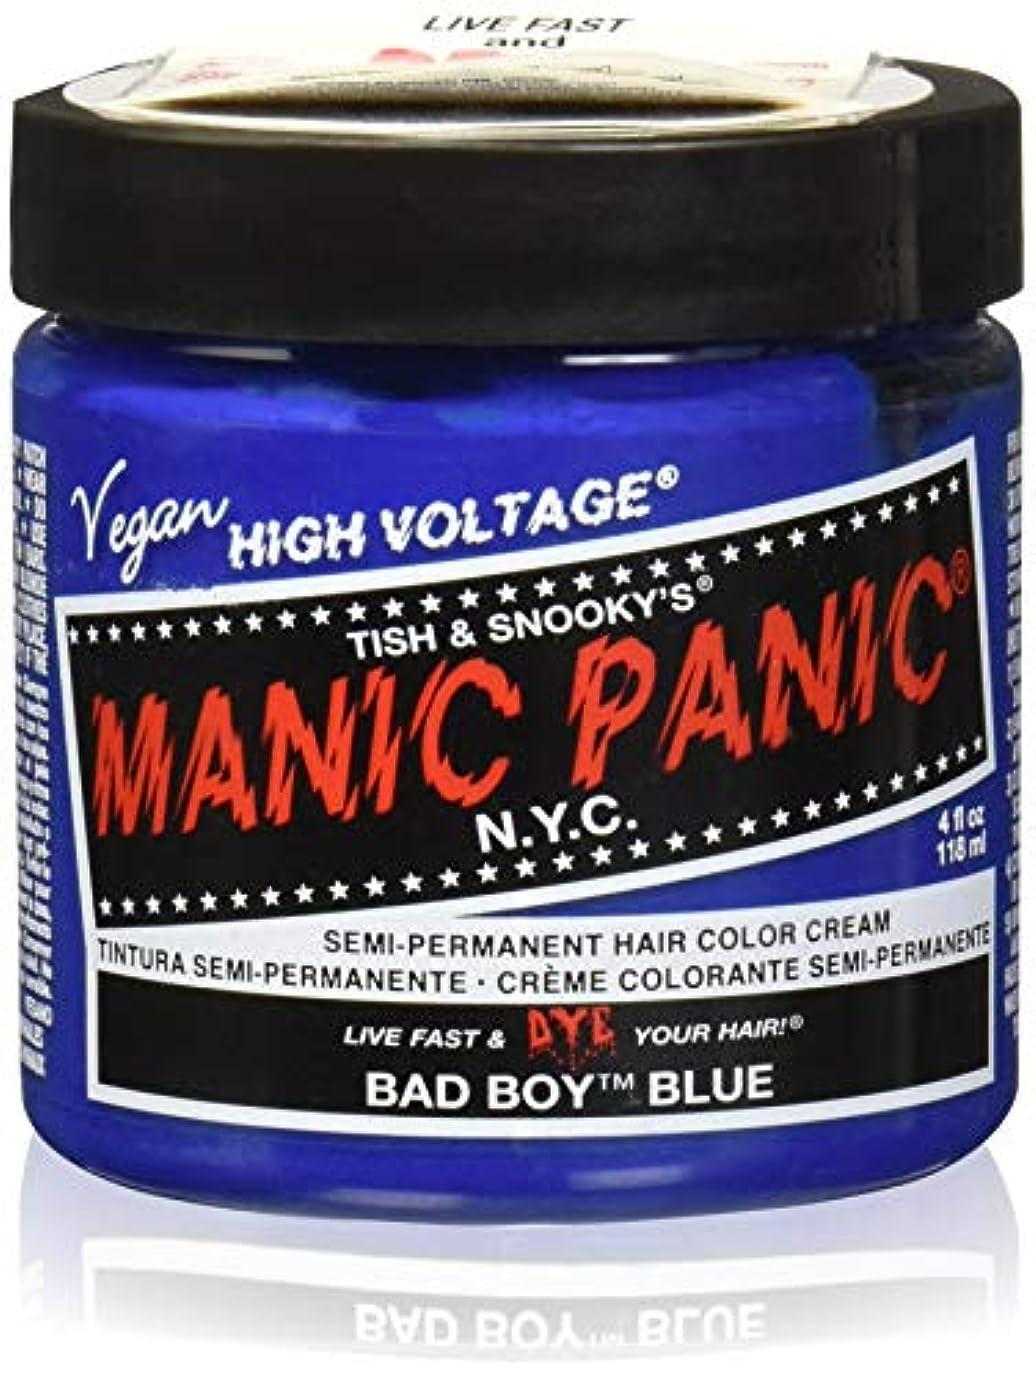 章眠っている刺しますマニックパニック カラークリーム バットボーイブルー